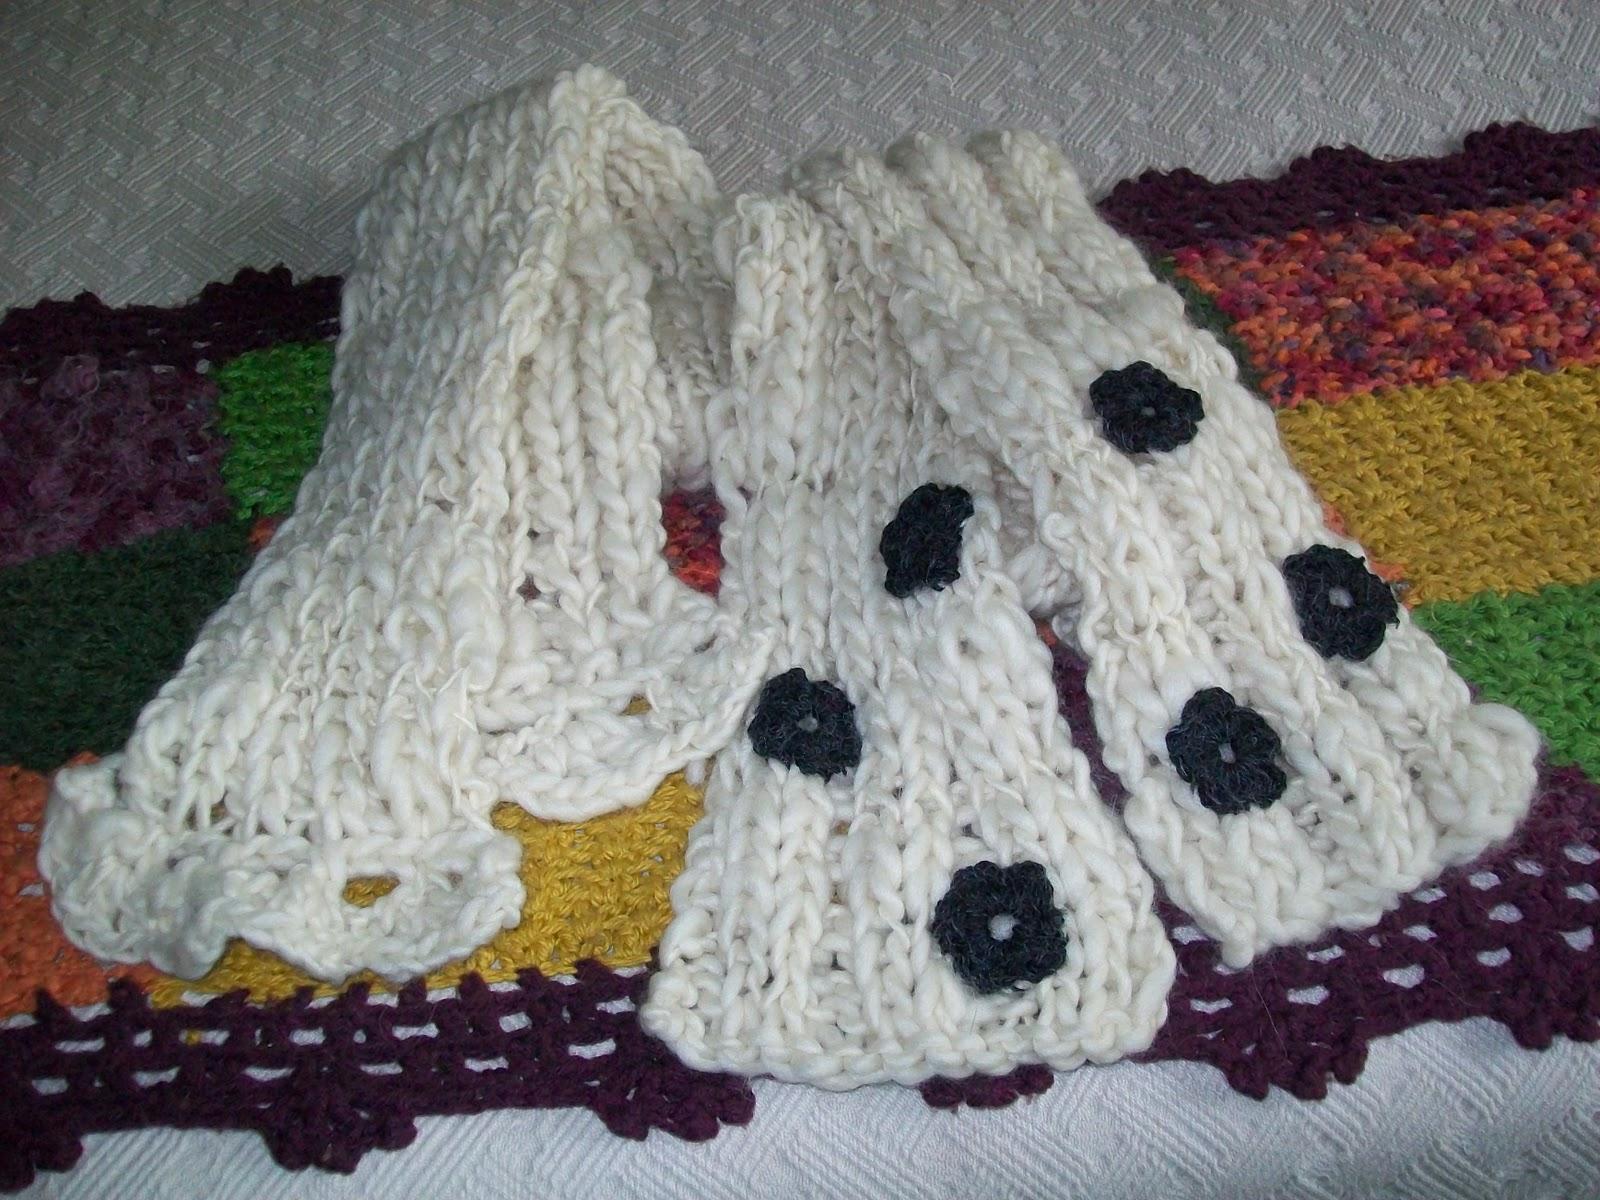 Tejida a dos agujas en lana de oveja hilada a mano, con puntilla o aplicaciones de flores